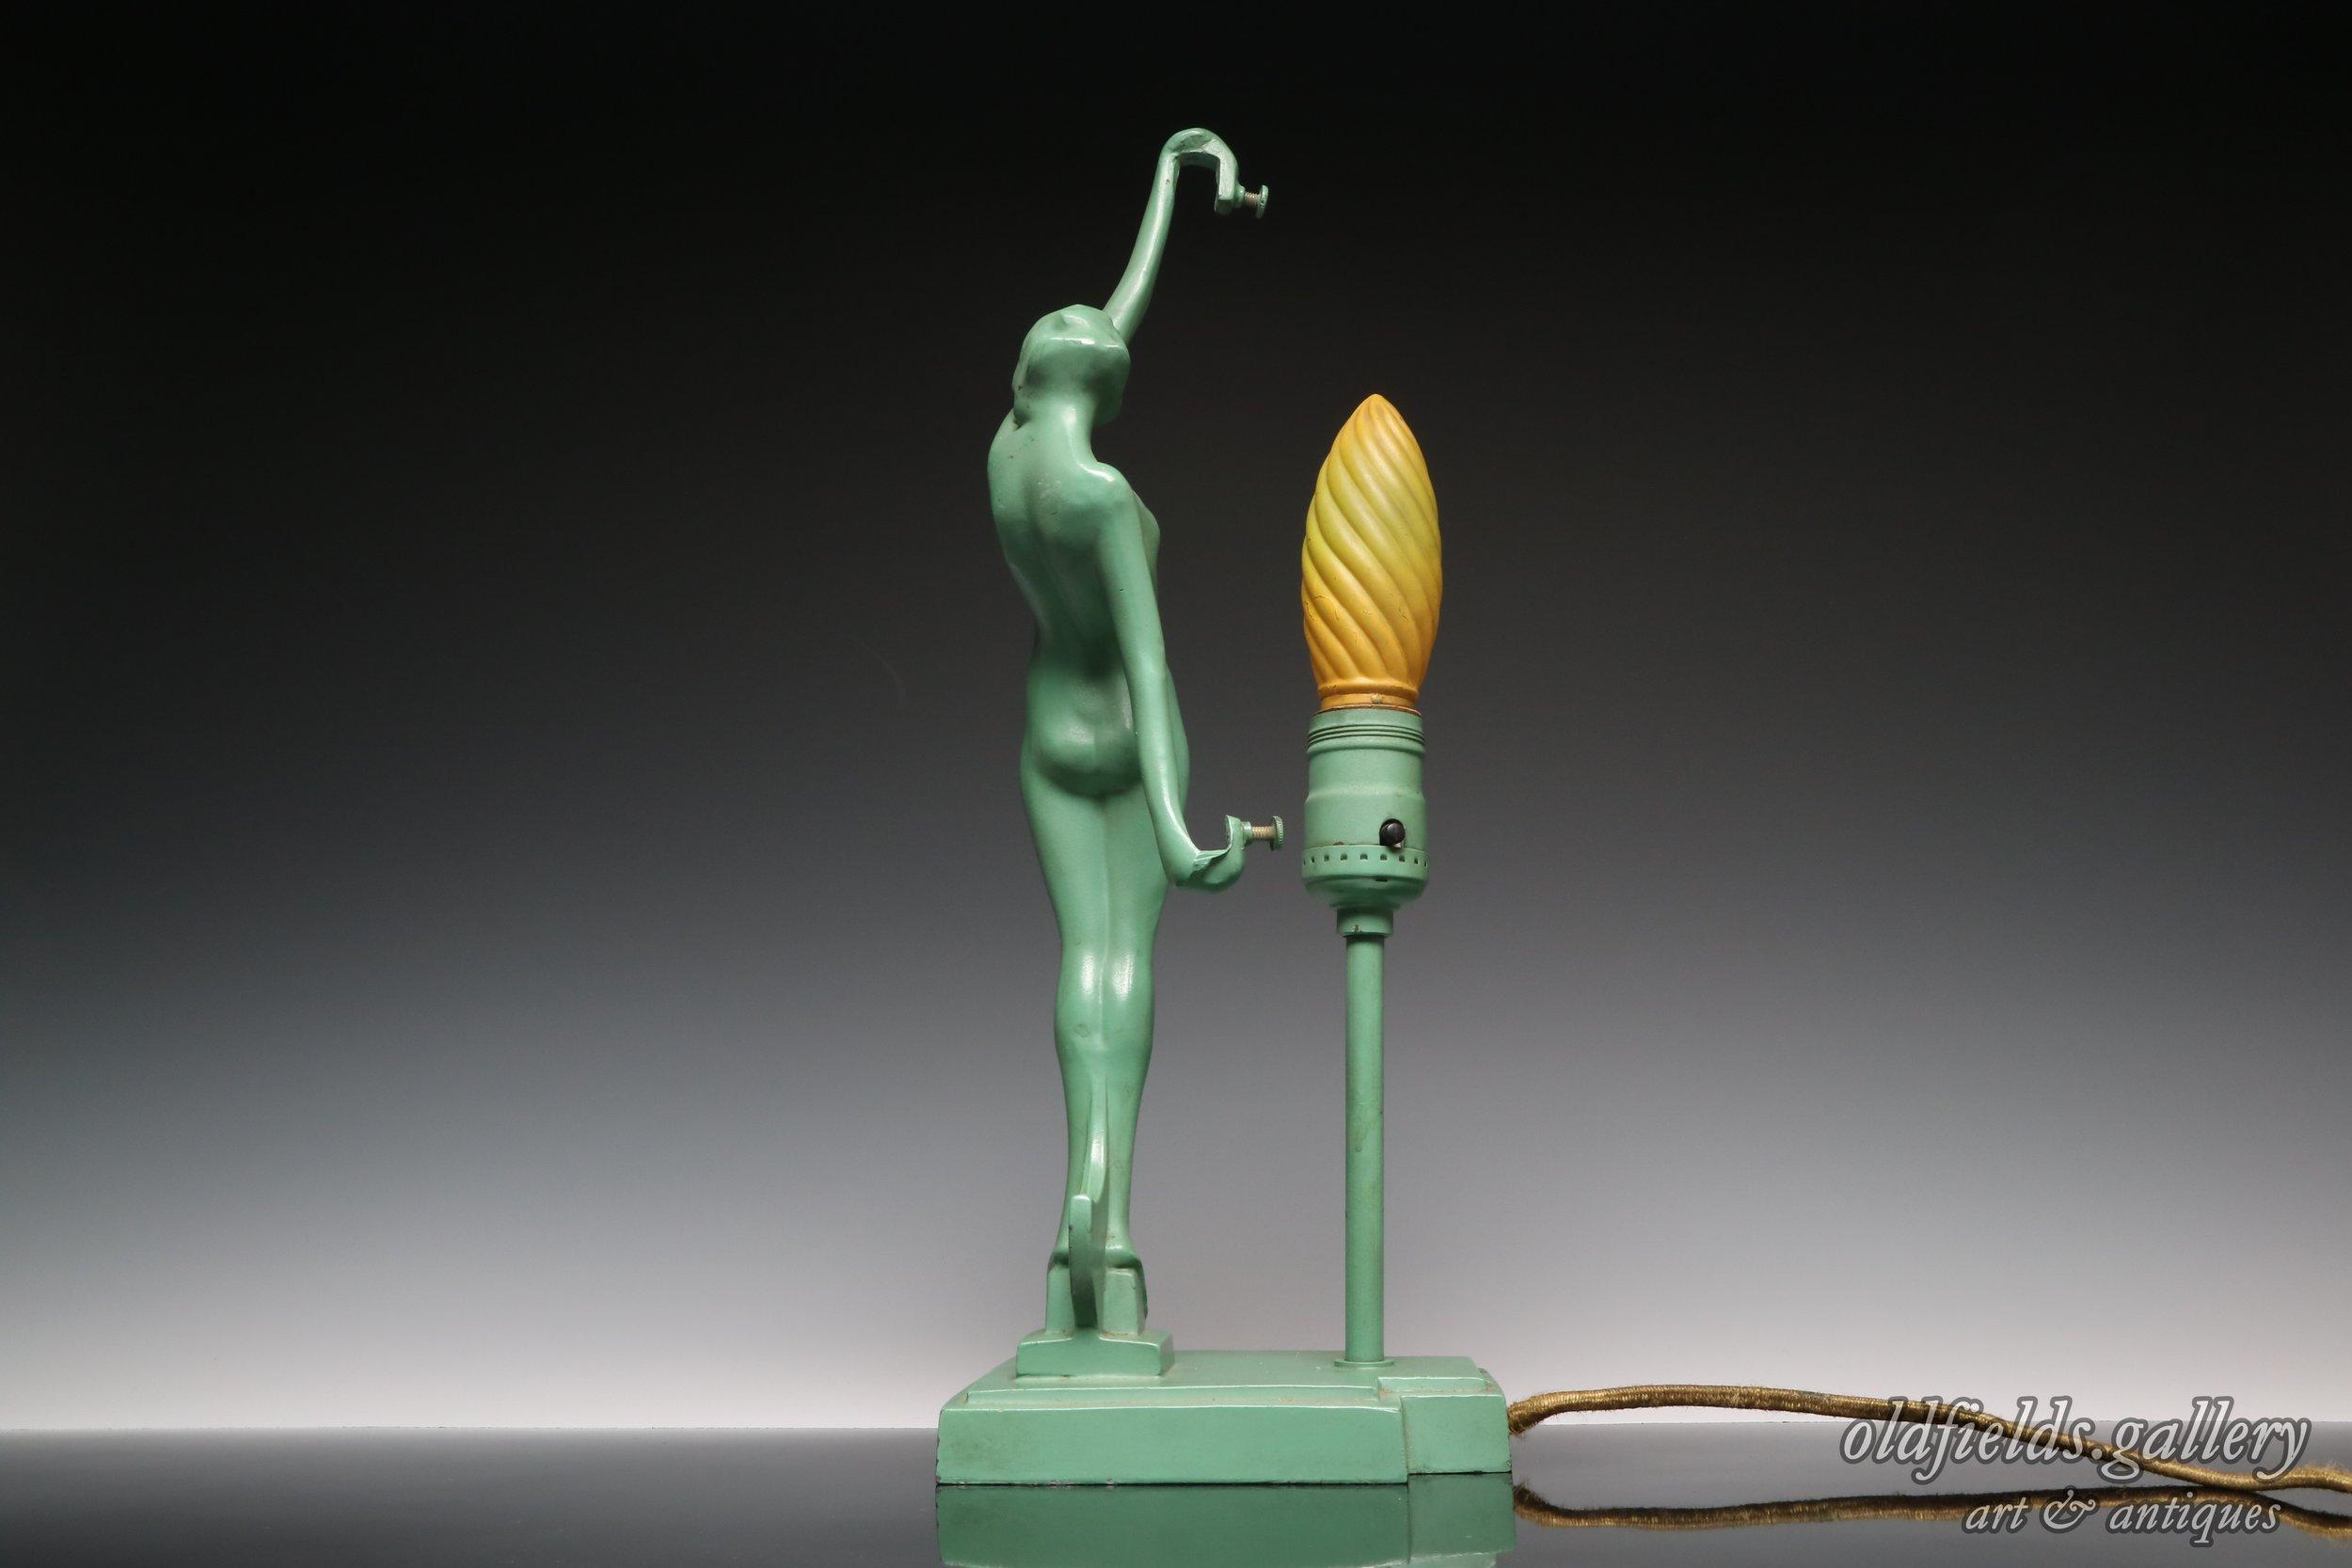 Frankart Lamp,Catalog 8.jpg